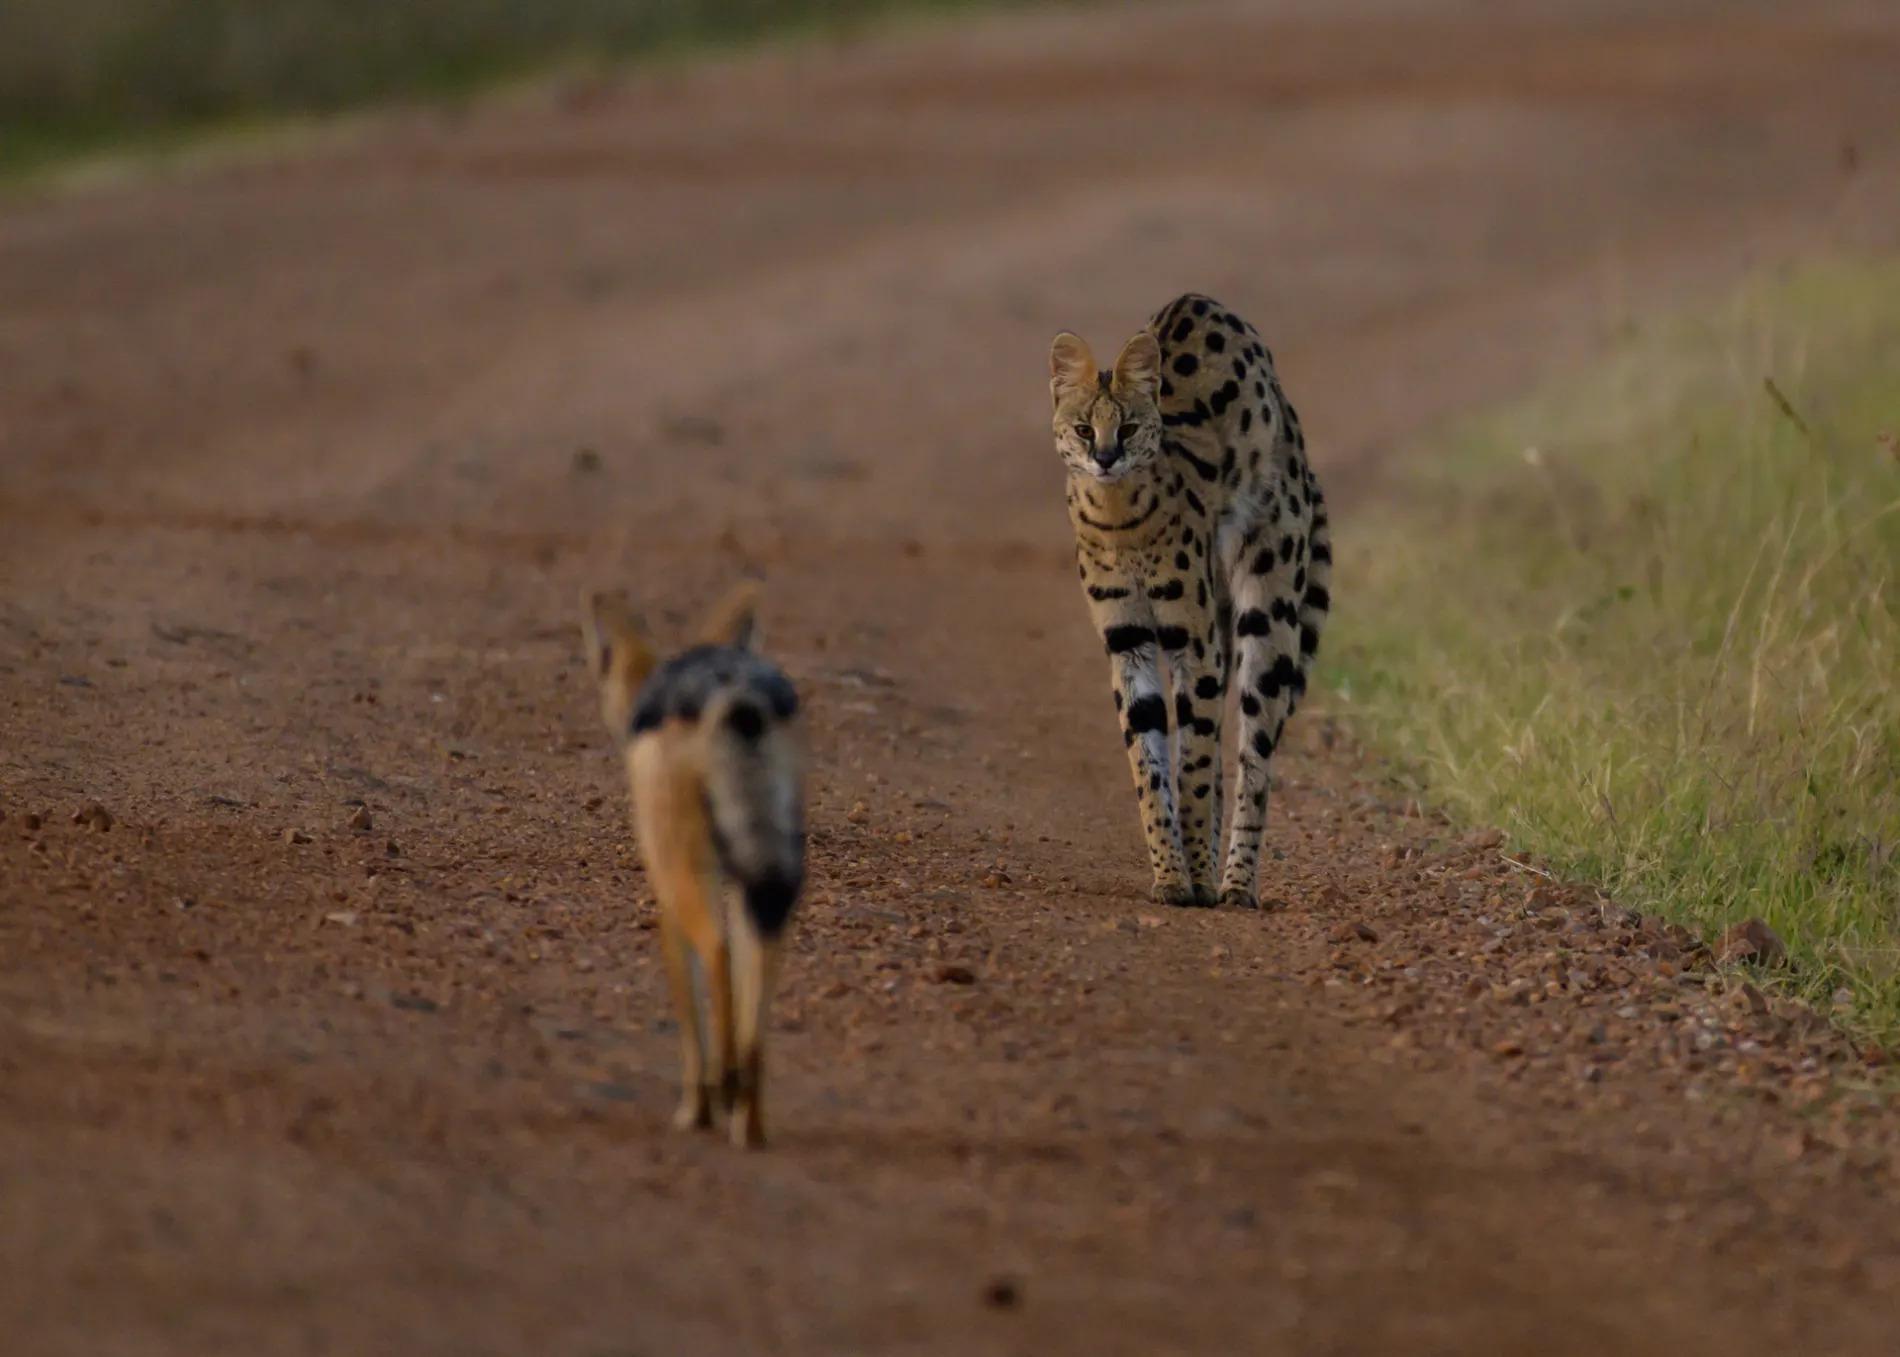 Serval and Jackal